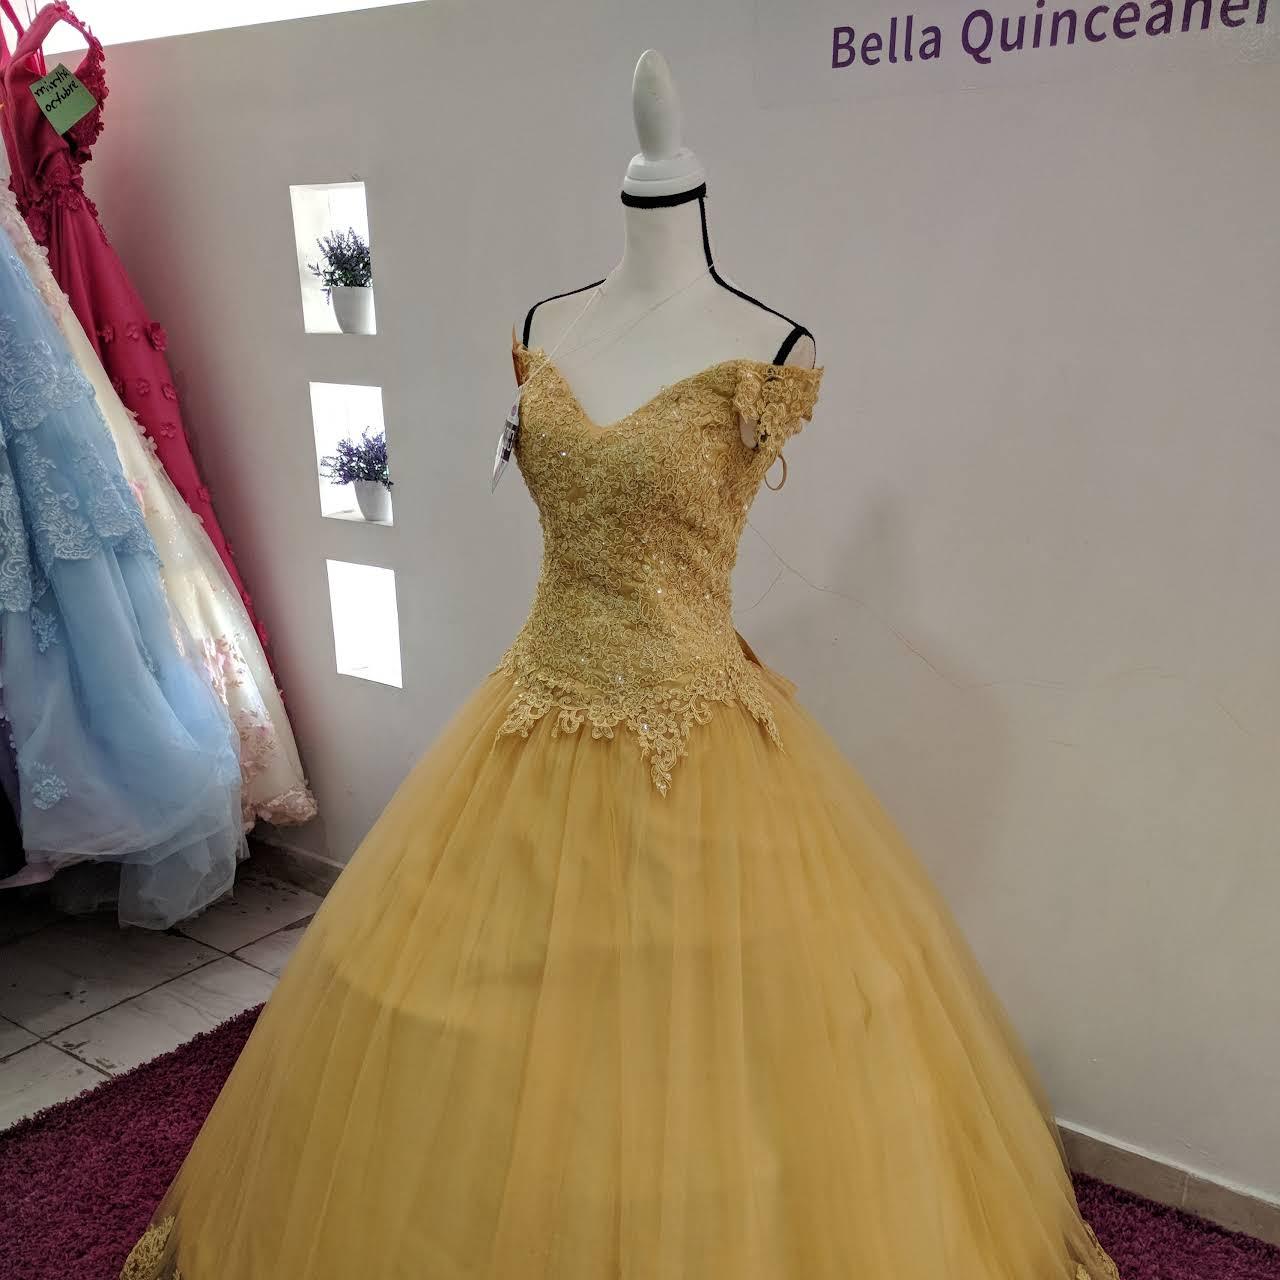 Wendys Bella Quinceañera Alquiler De Vestidos Wendys